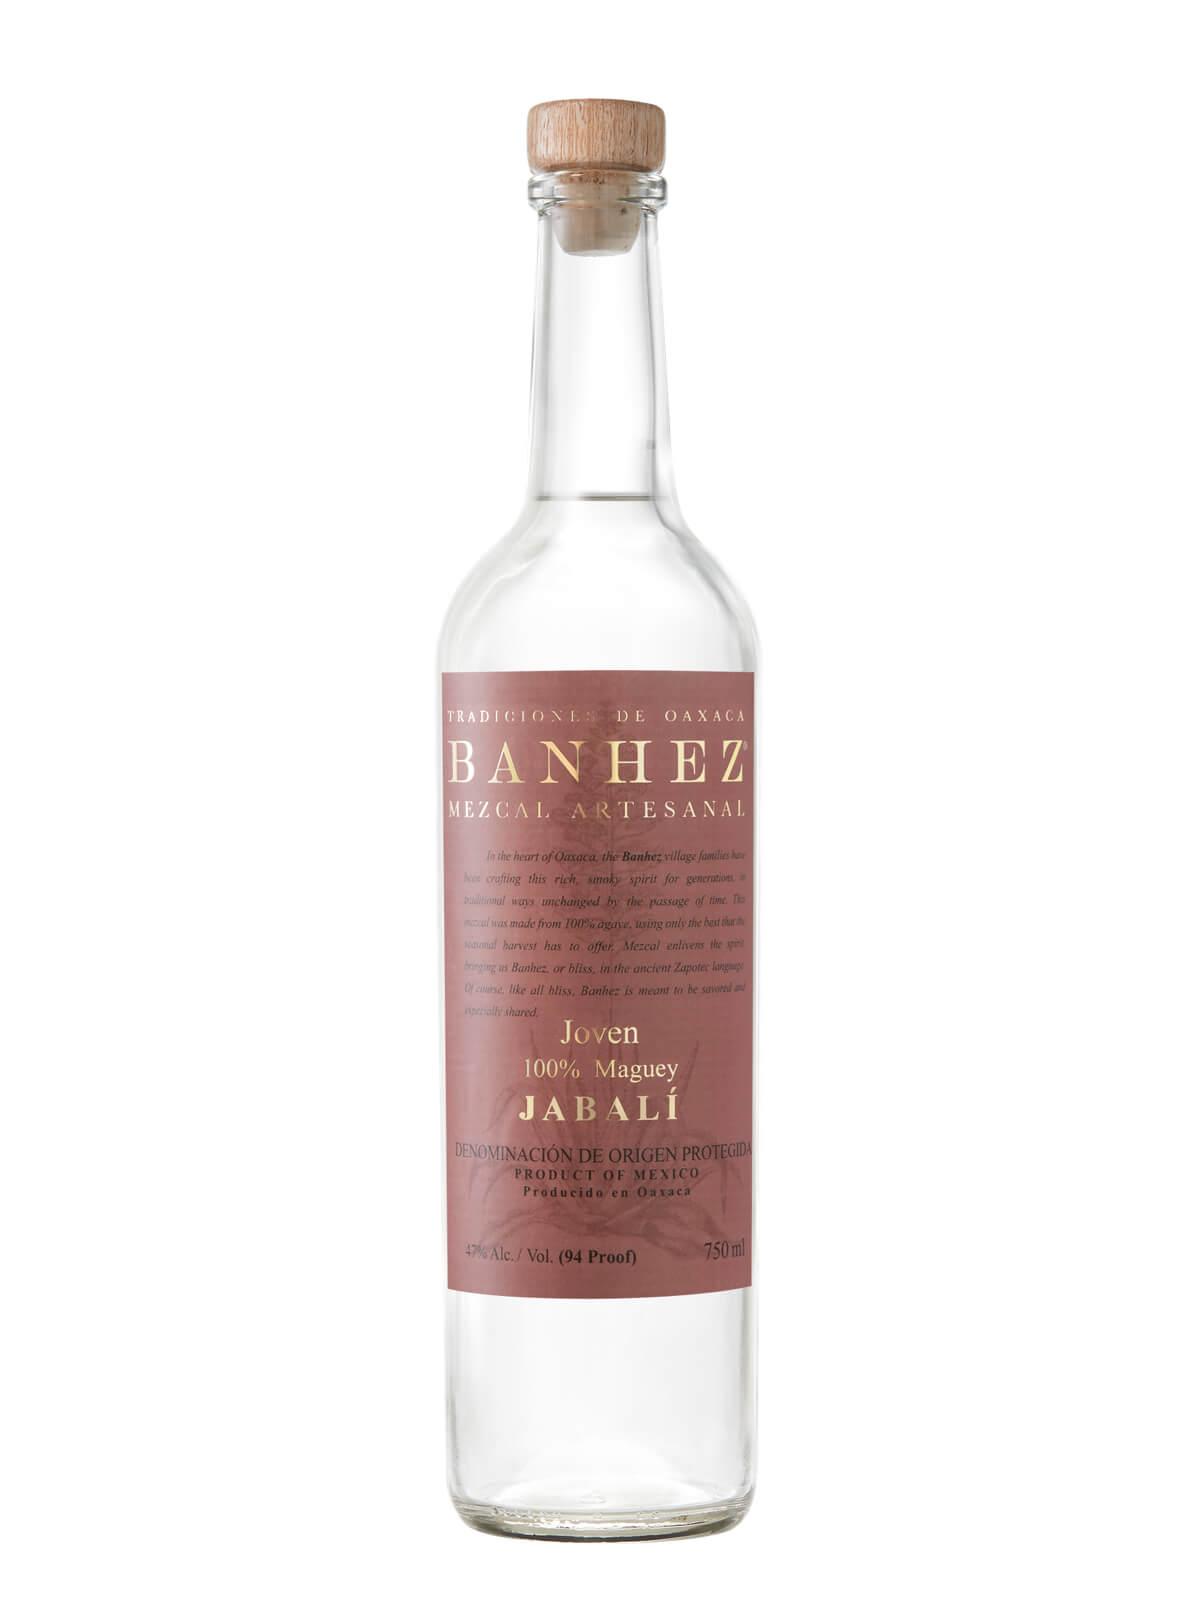 Banhez Mezcal Jabali bottle